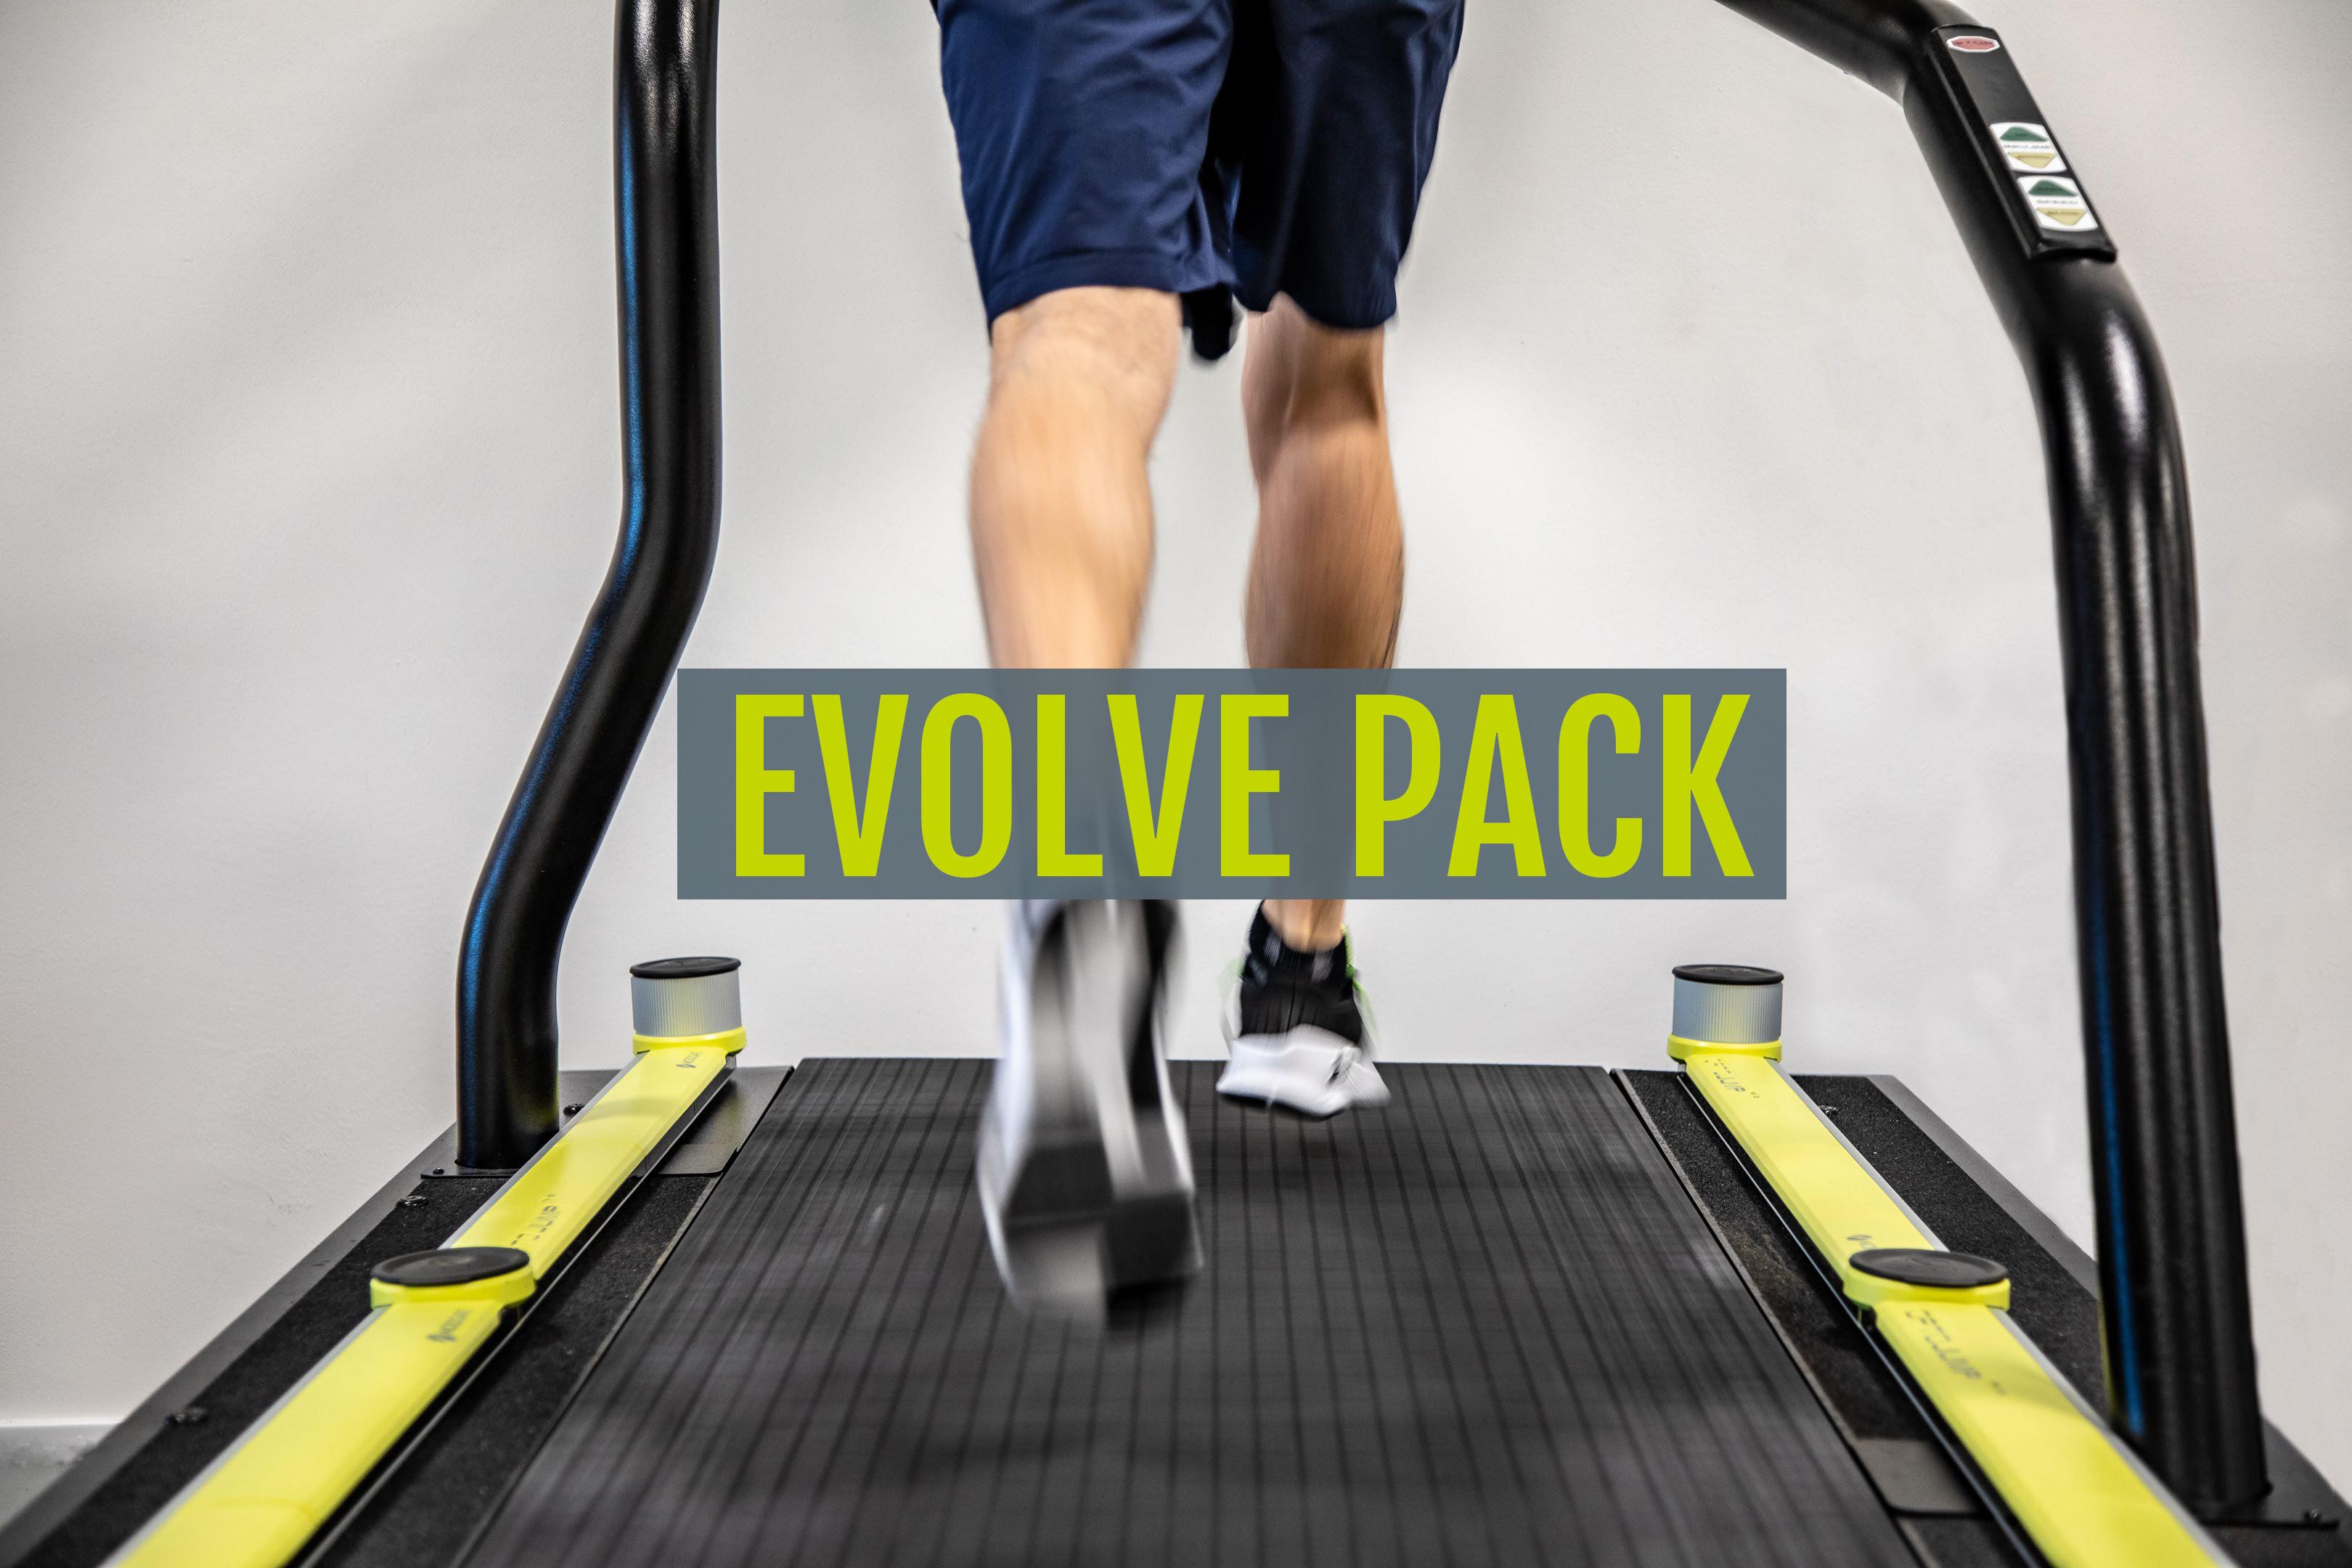 Running - Evolve Pack